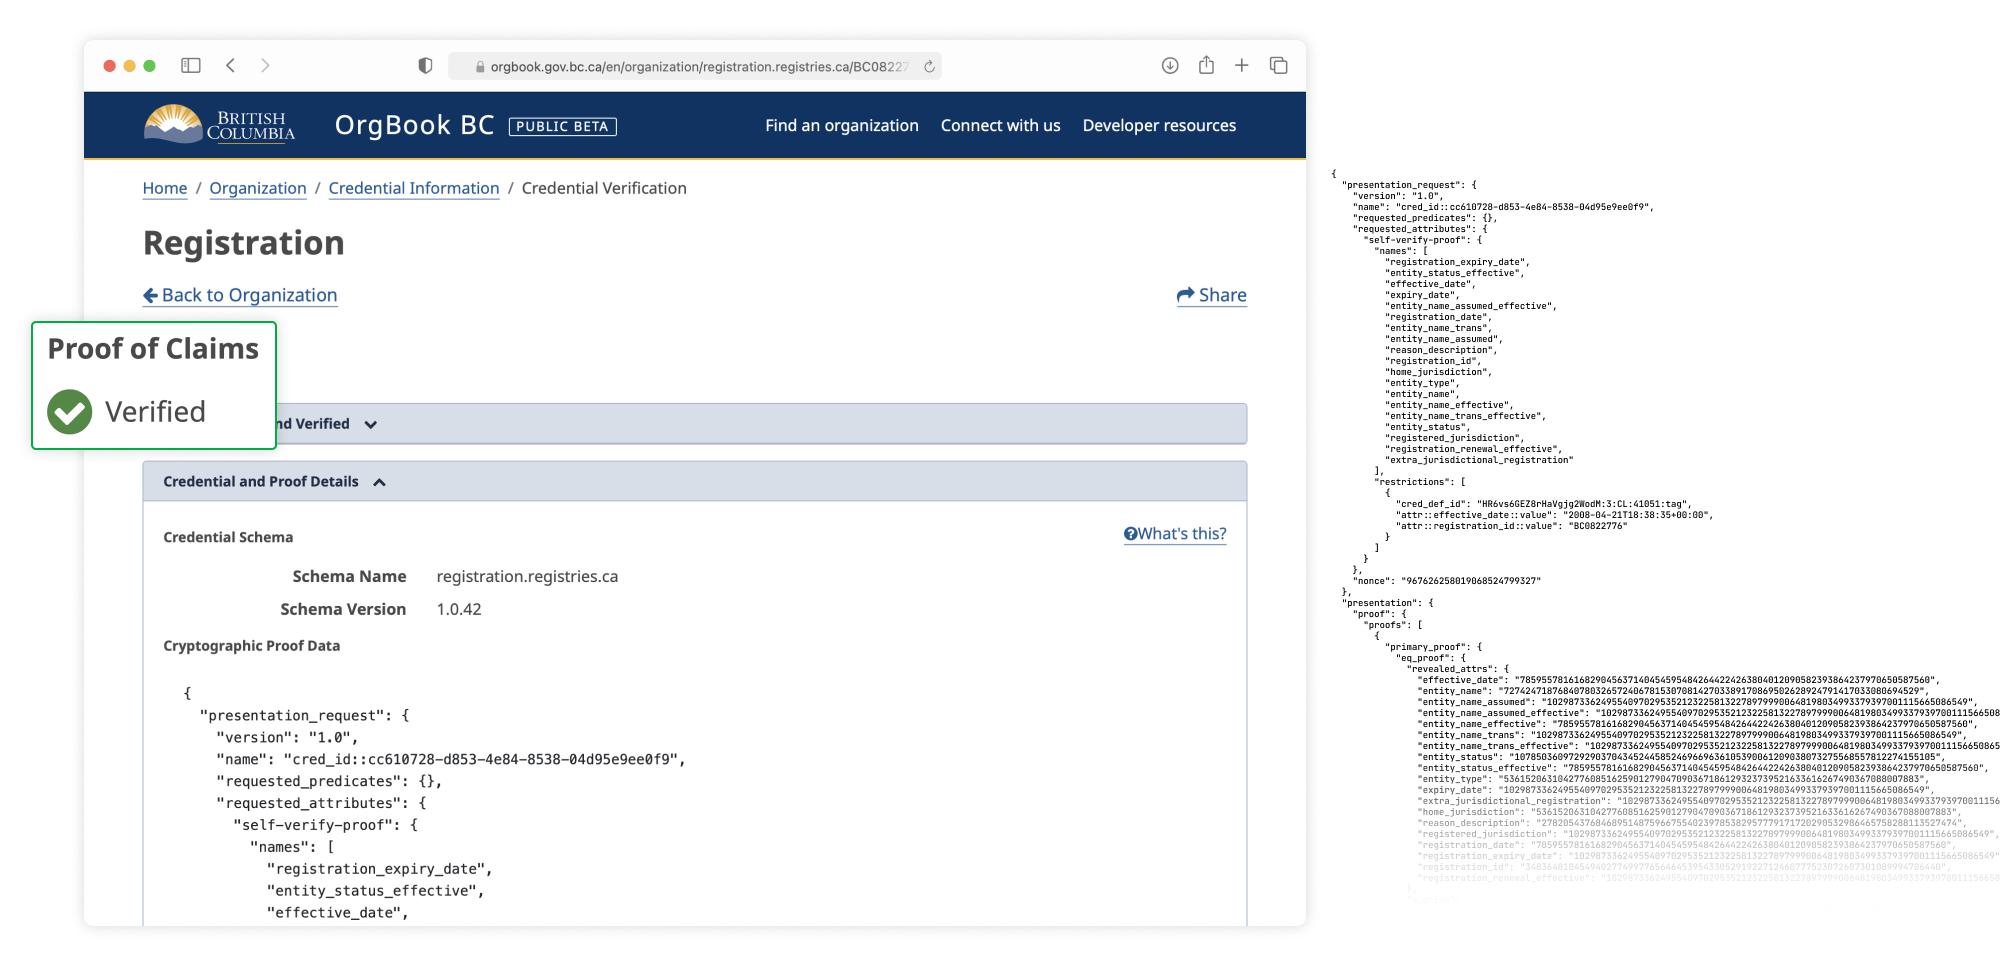 https://www.datocms-assets.com/38428/1617659489-verifiable-data.png?auto=format